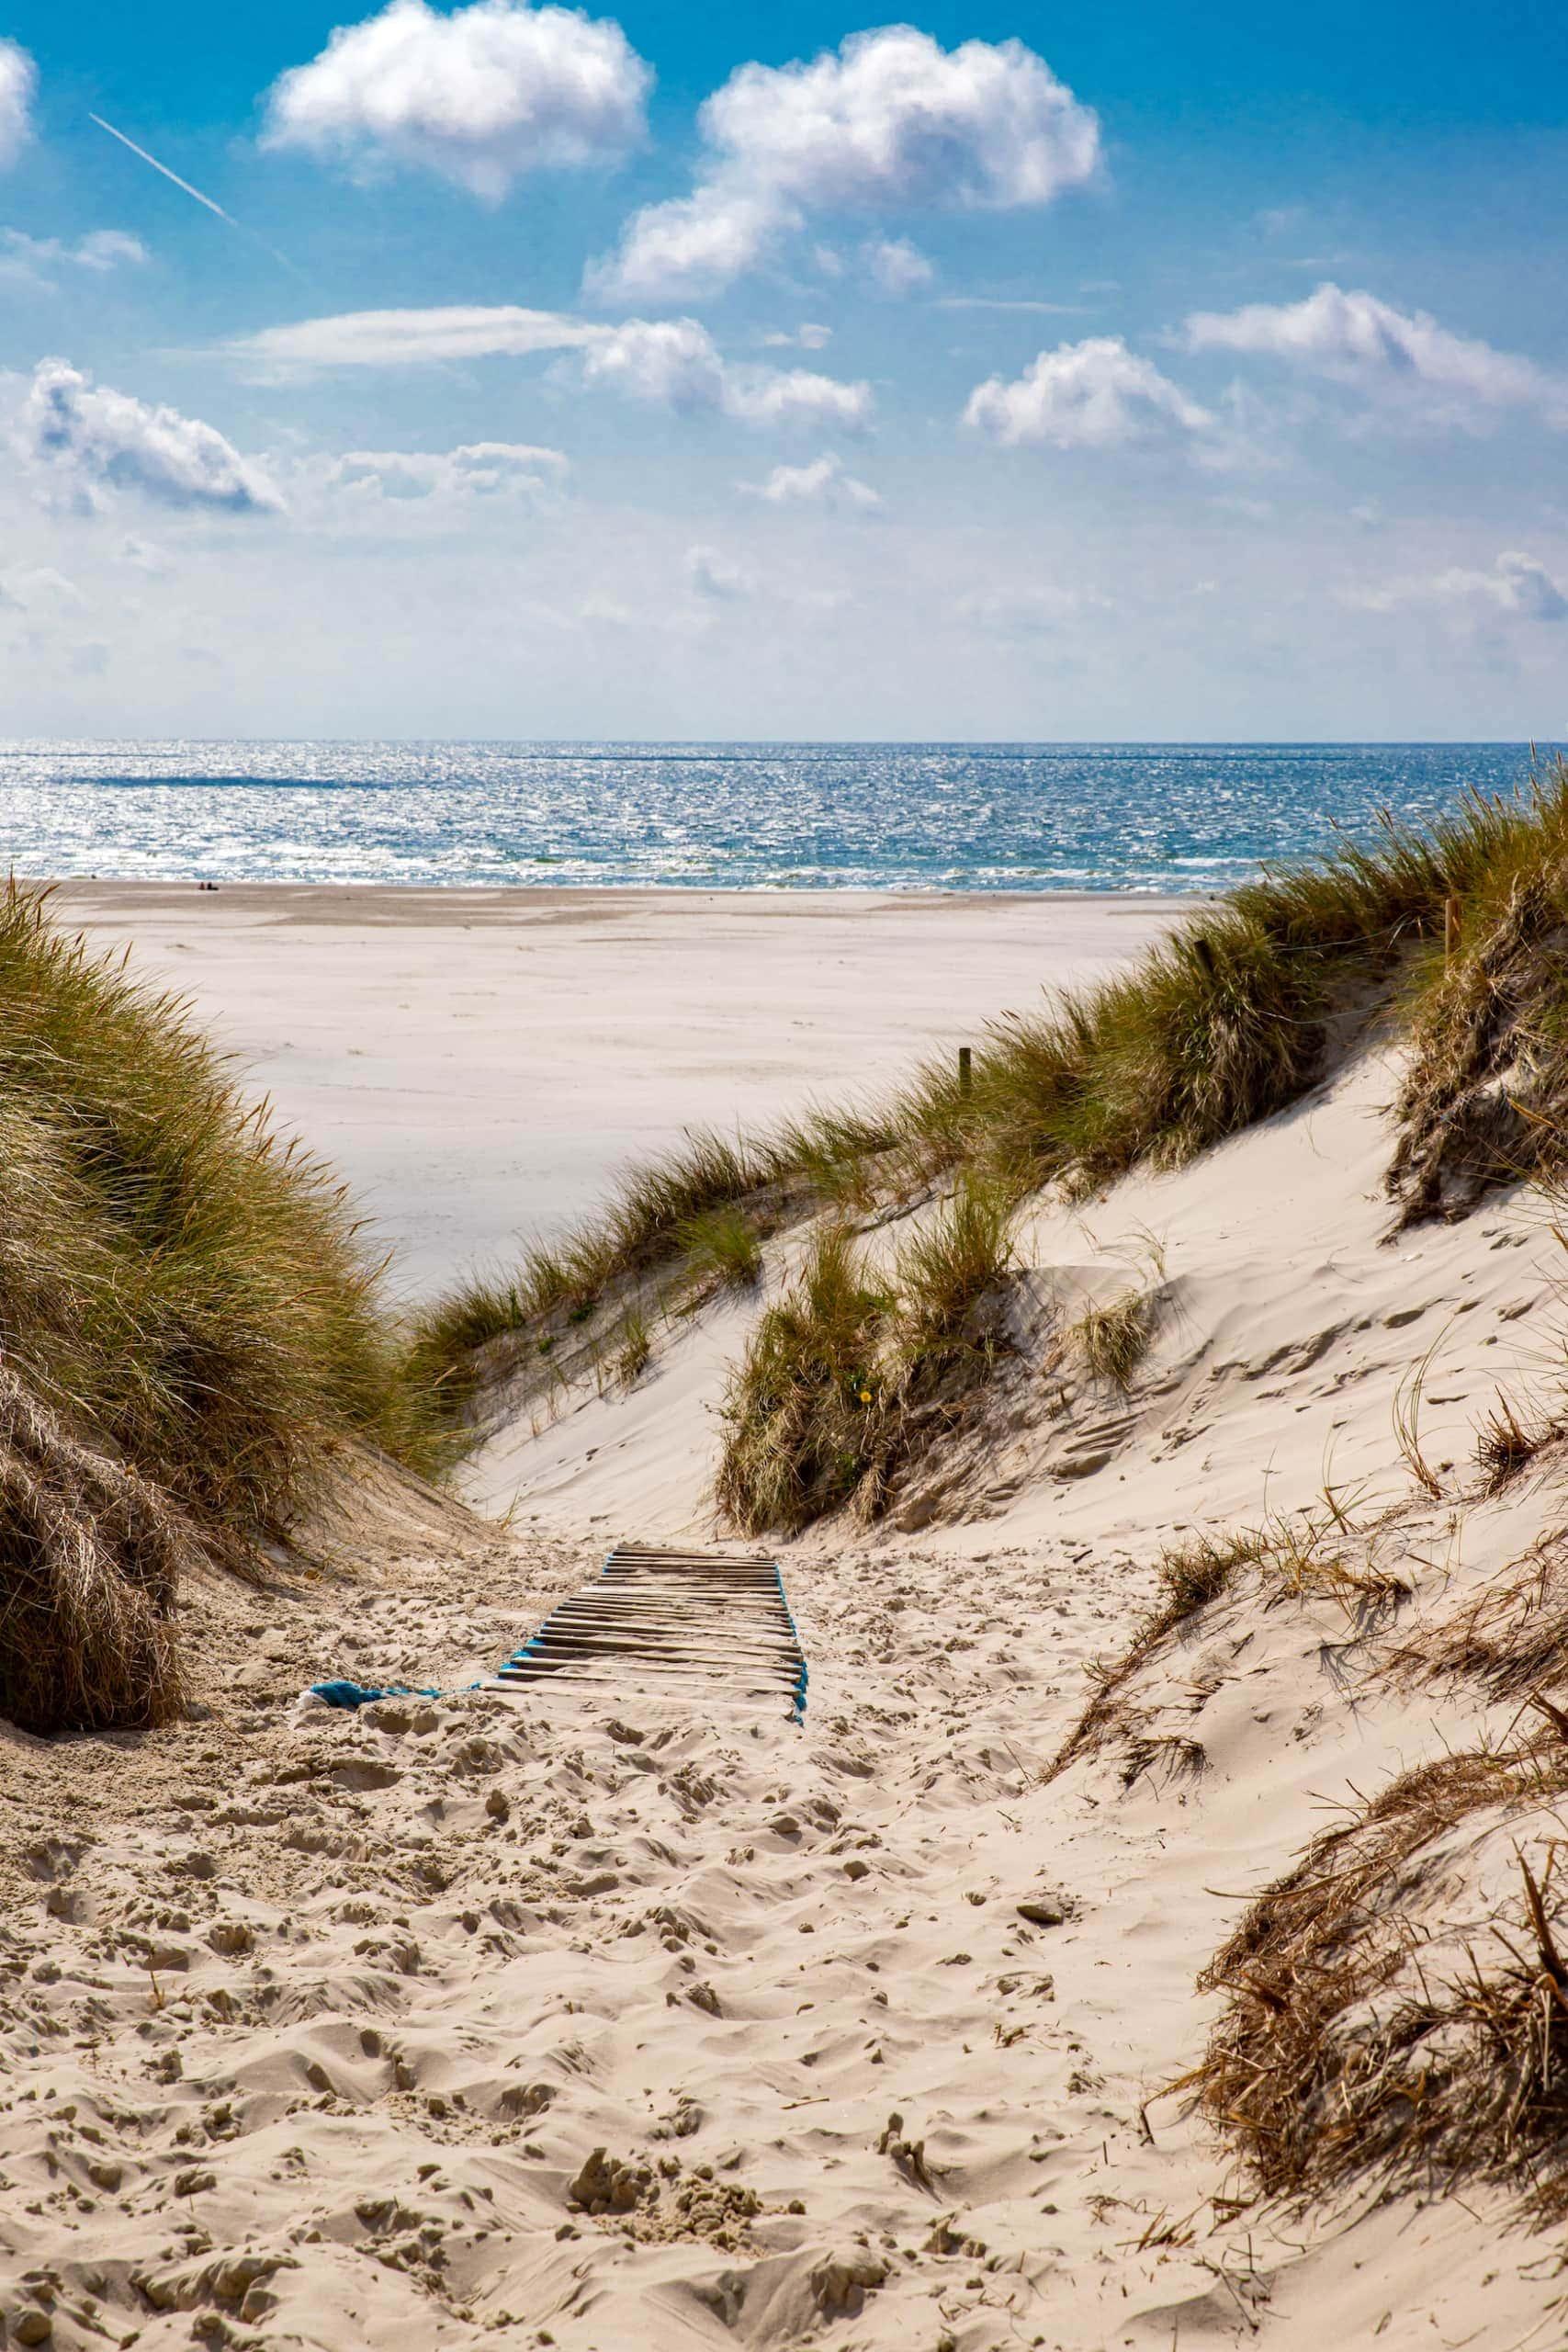 Schöne Strände in Europa: Strand in Amrum, Deutschland